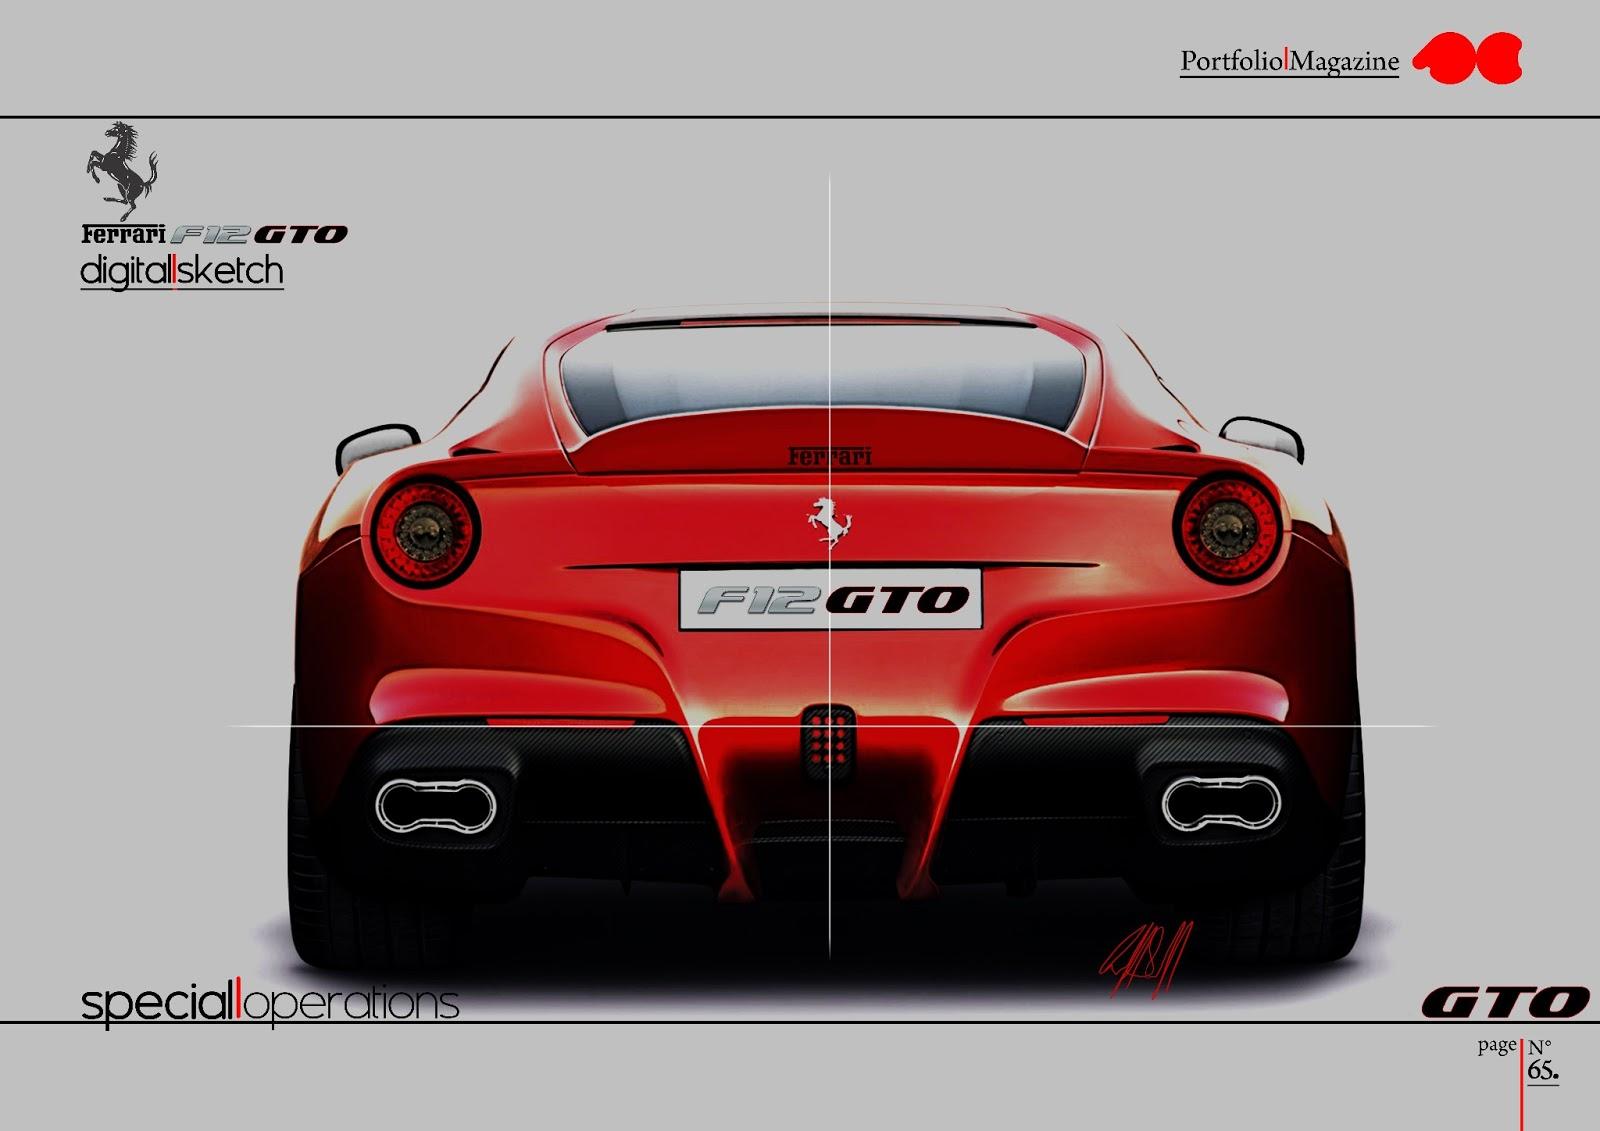 Ferrari F12 Gto Salvatore Cutaia Design